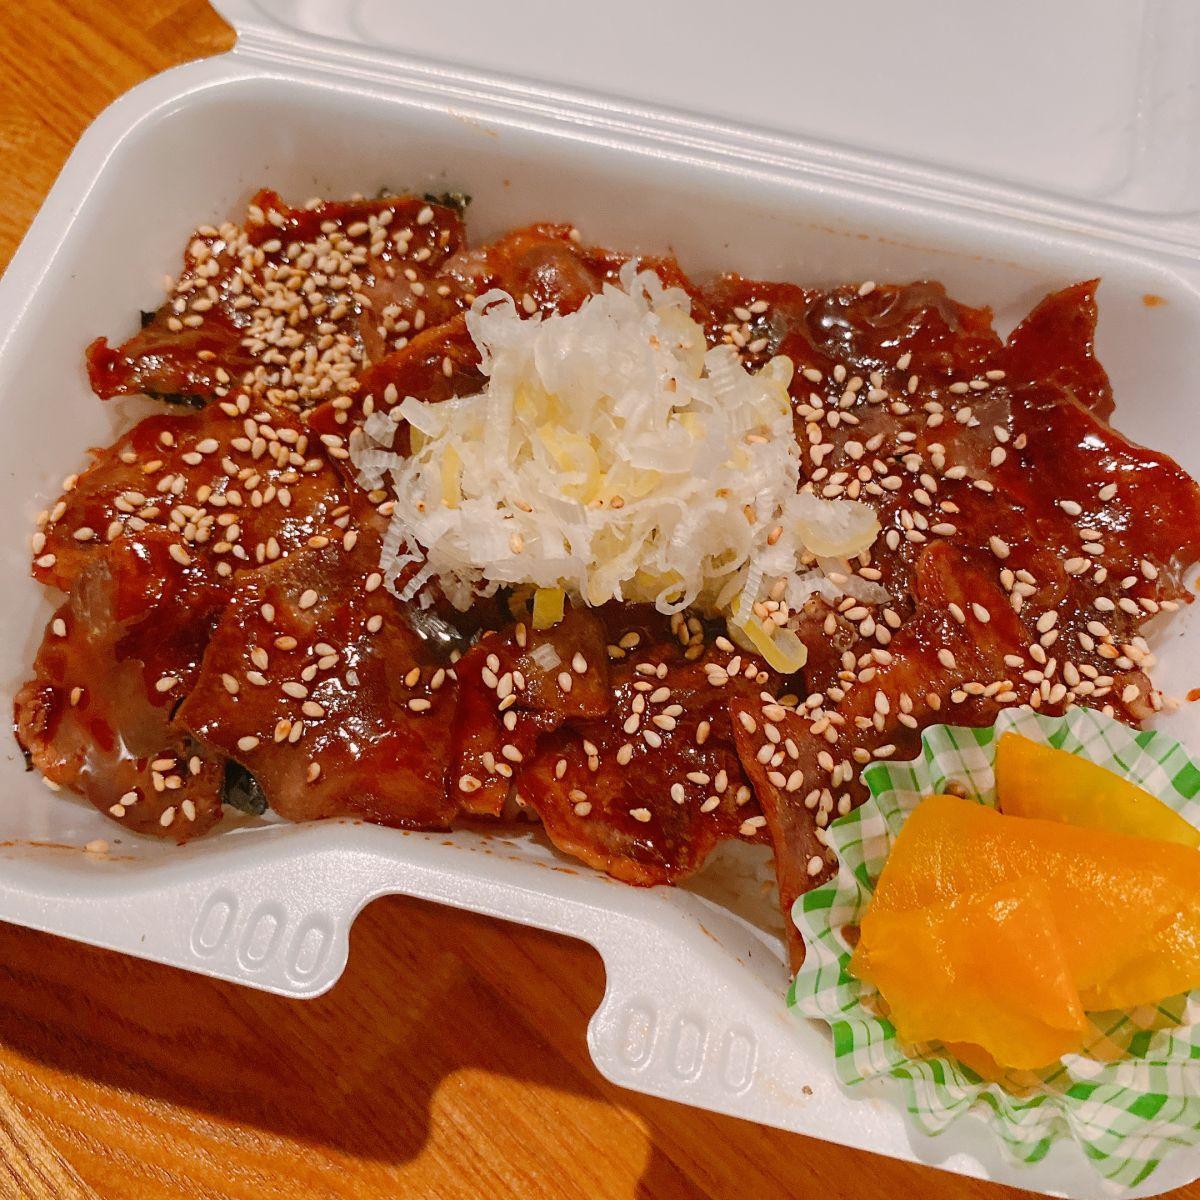 【夜弁当】タン焼き丼(たれ/にんにく醤油) のイメージ